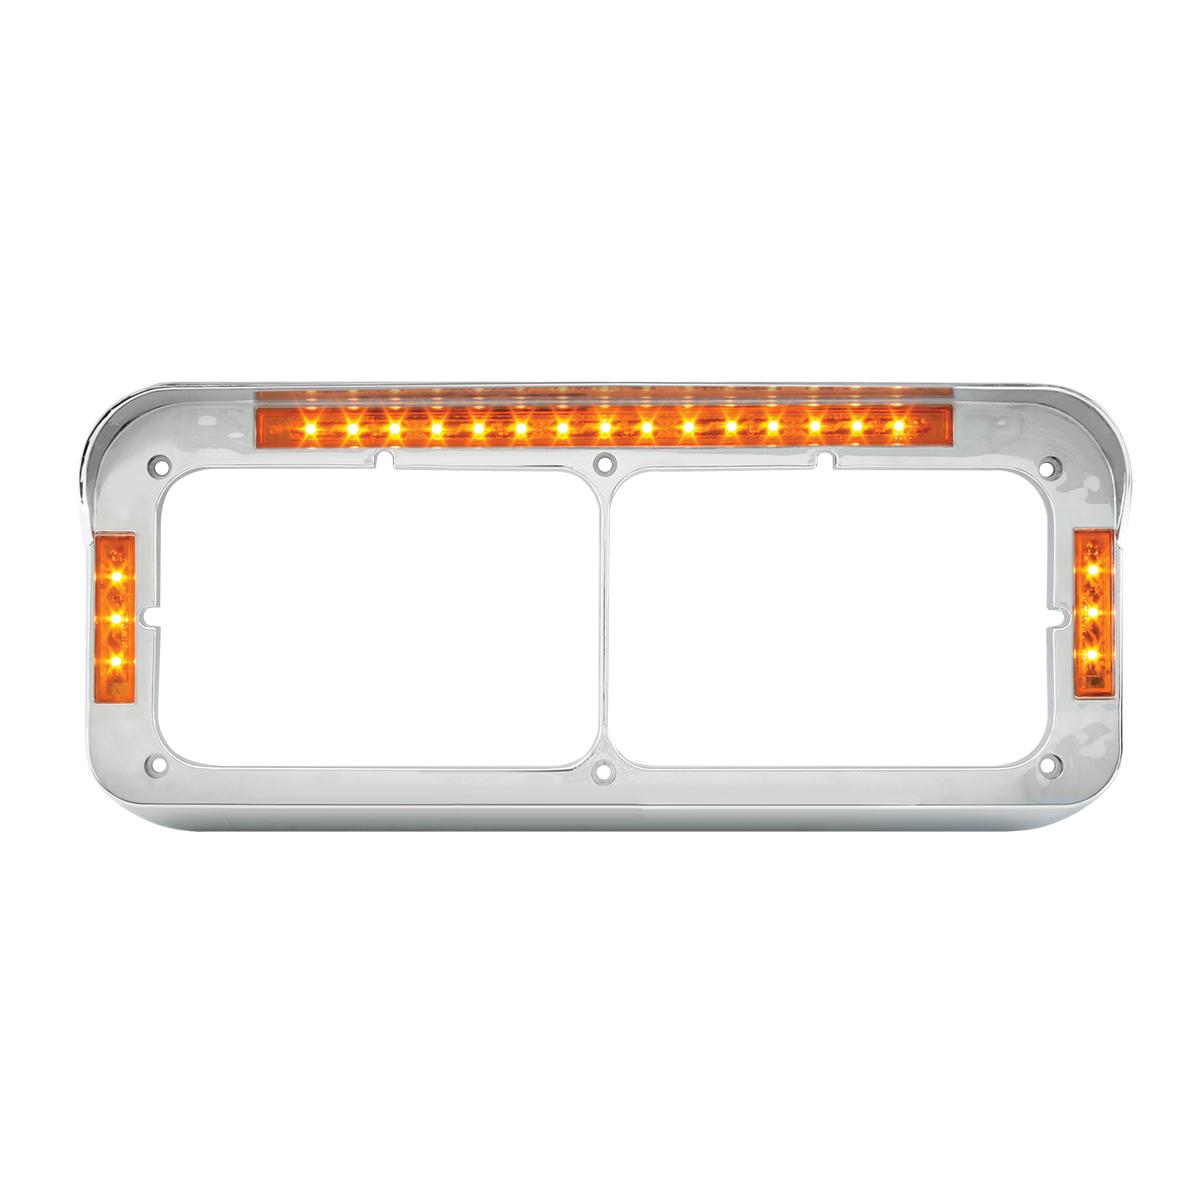 87595 Dual Rectangular Headlight Bezel w/ Visor in Amber LED/Amber Lens